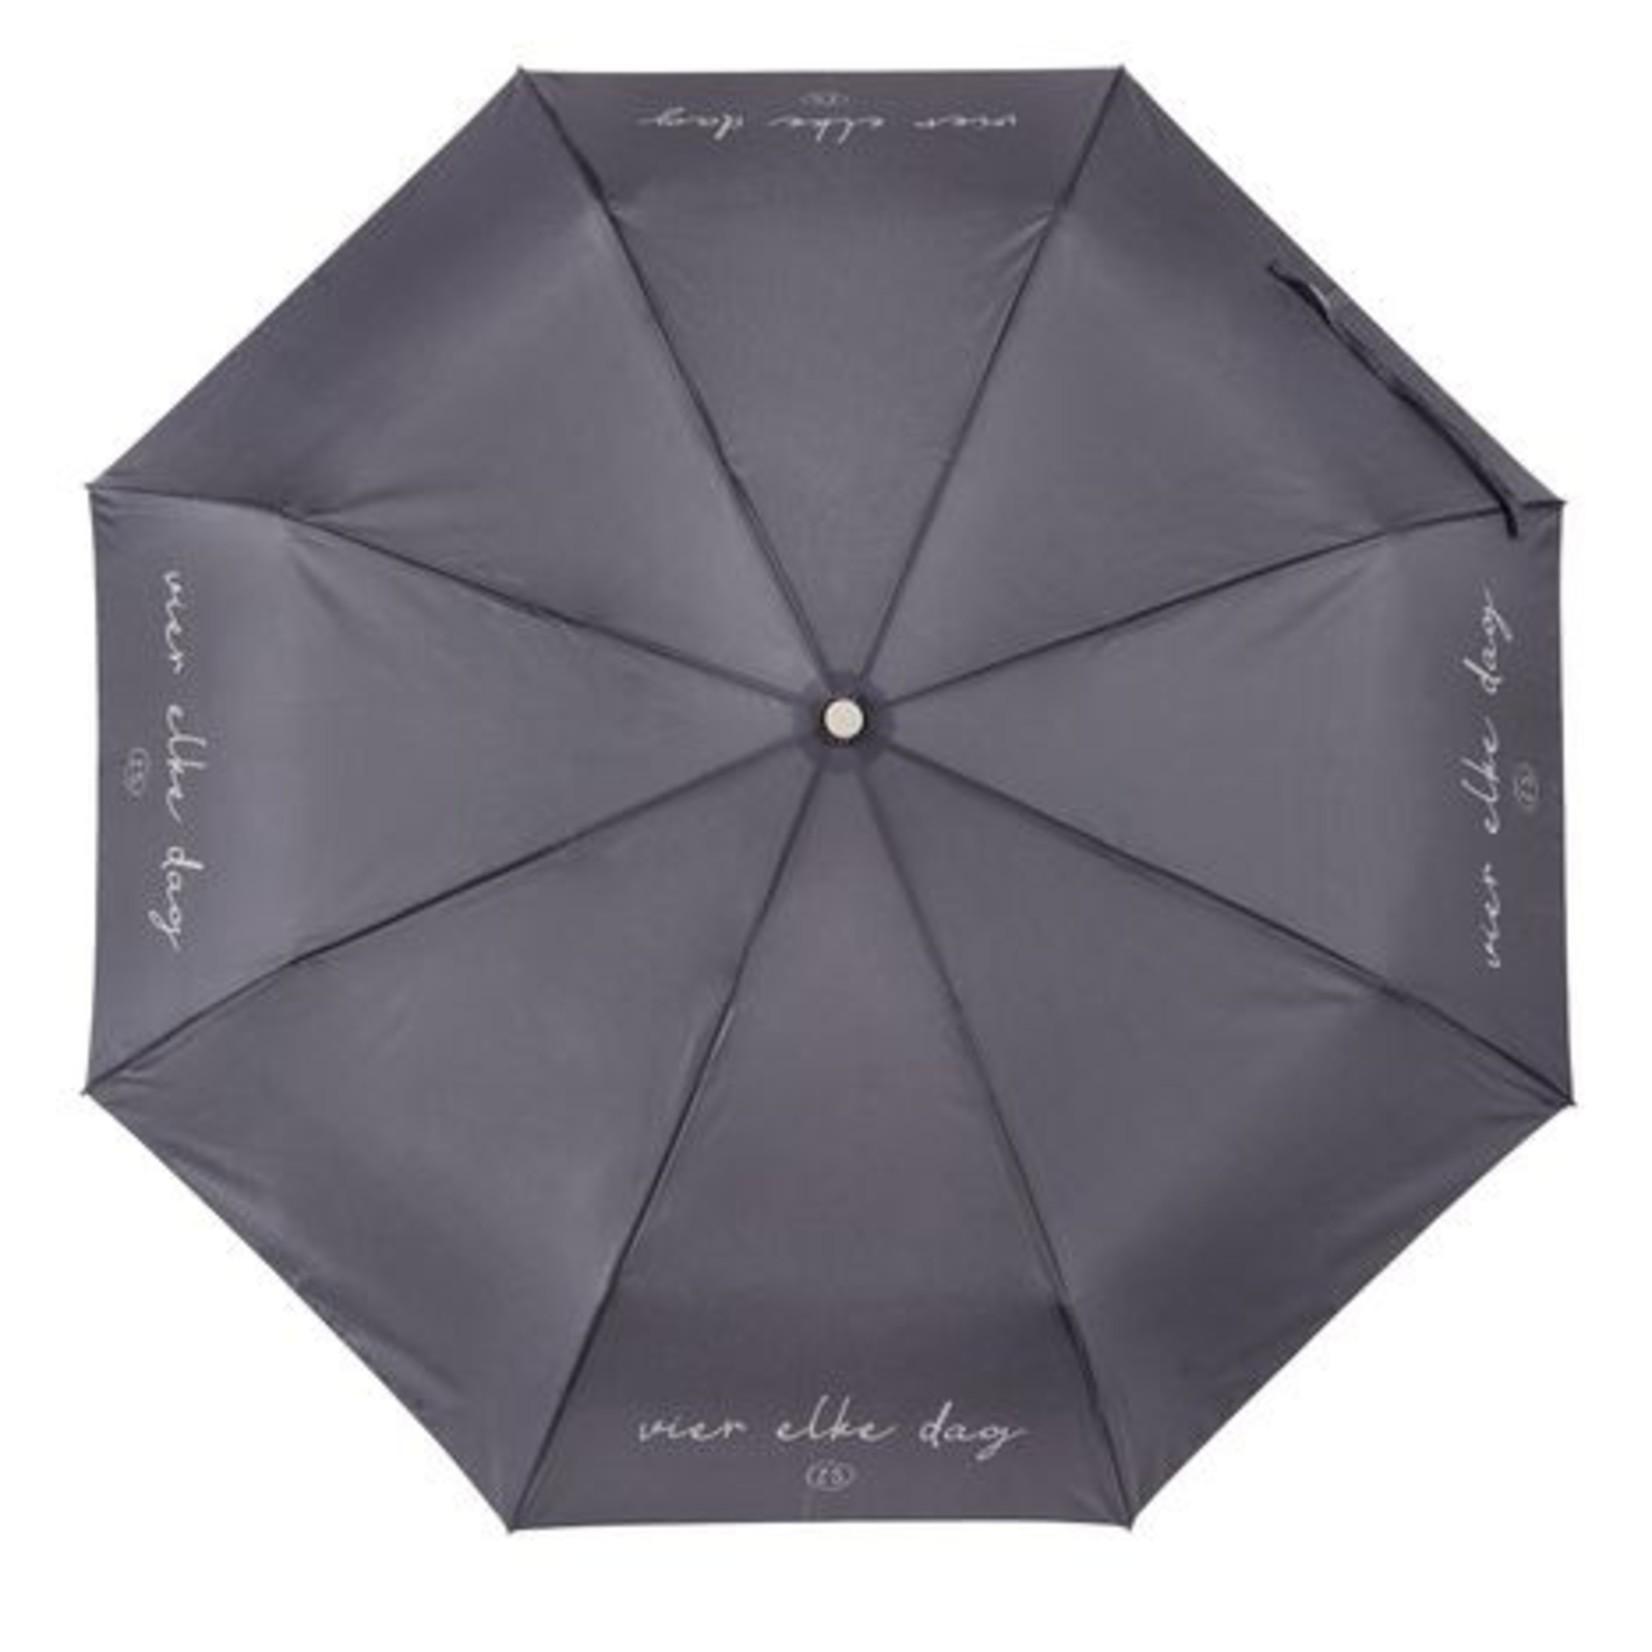 Zusss Paraplu - Inklapbaar - Vier elke dag